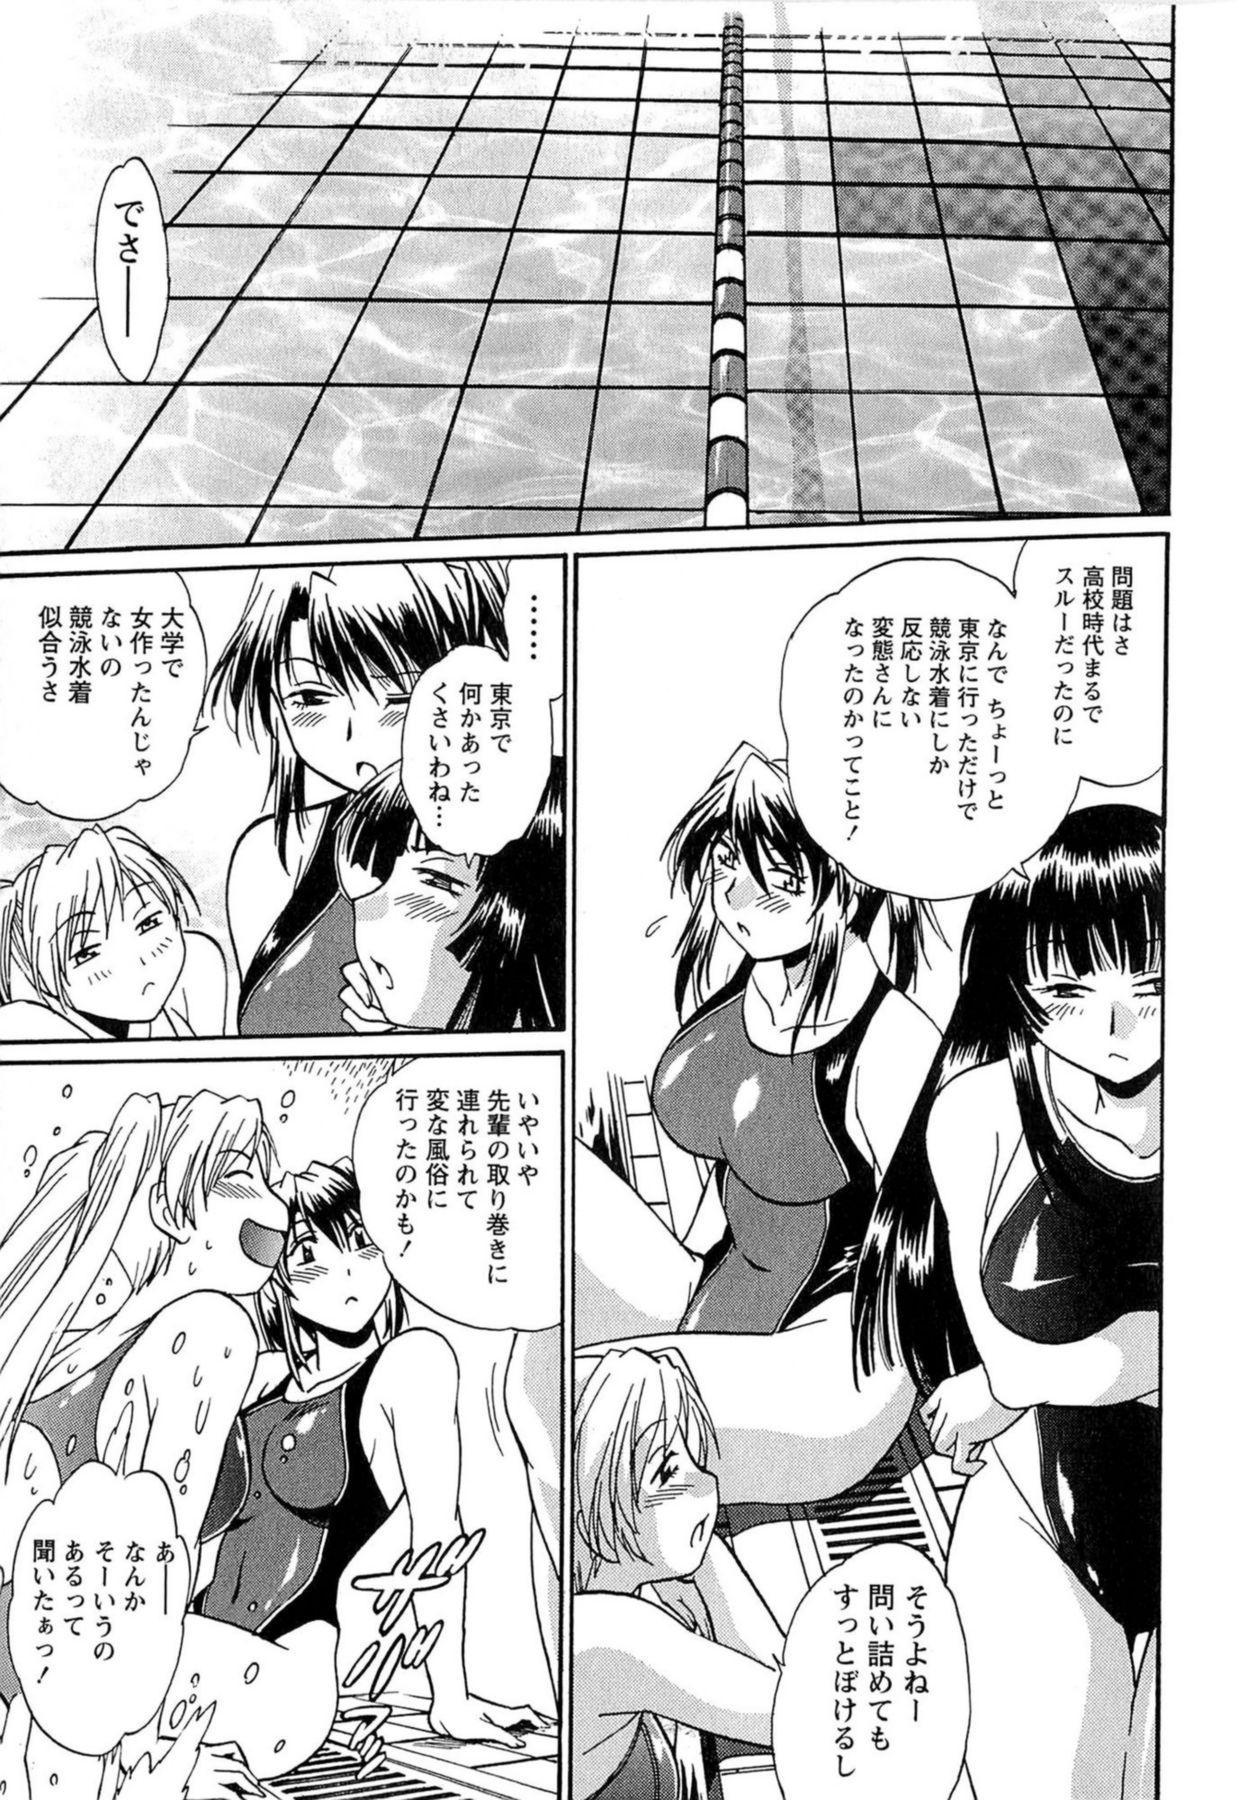 Kuikomi wo Naoshiteru Hima wa Nai! Vol. 1 87